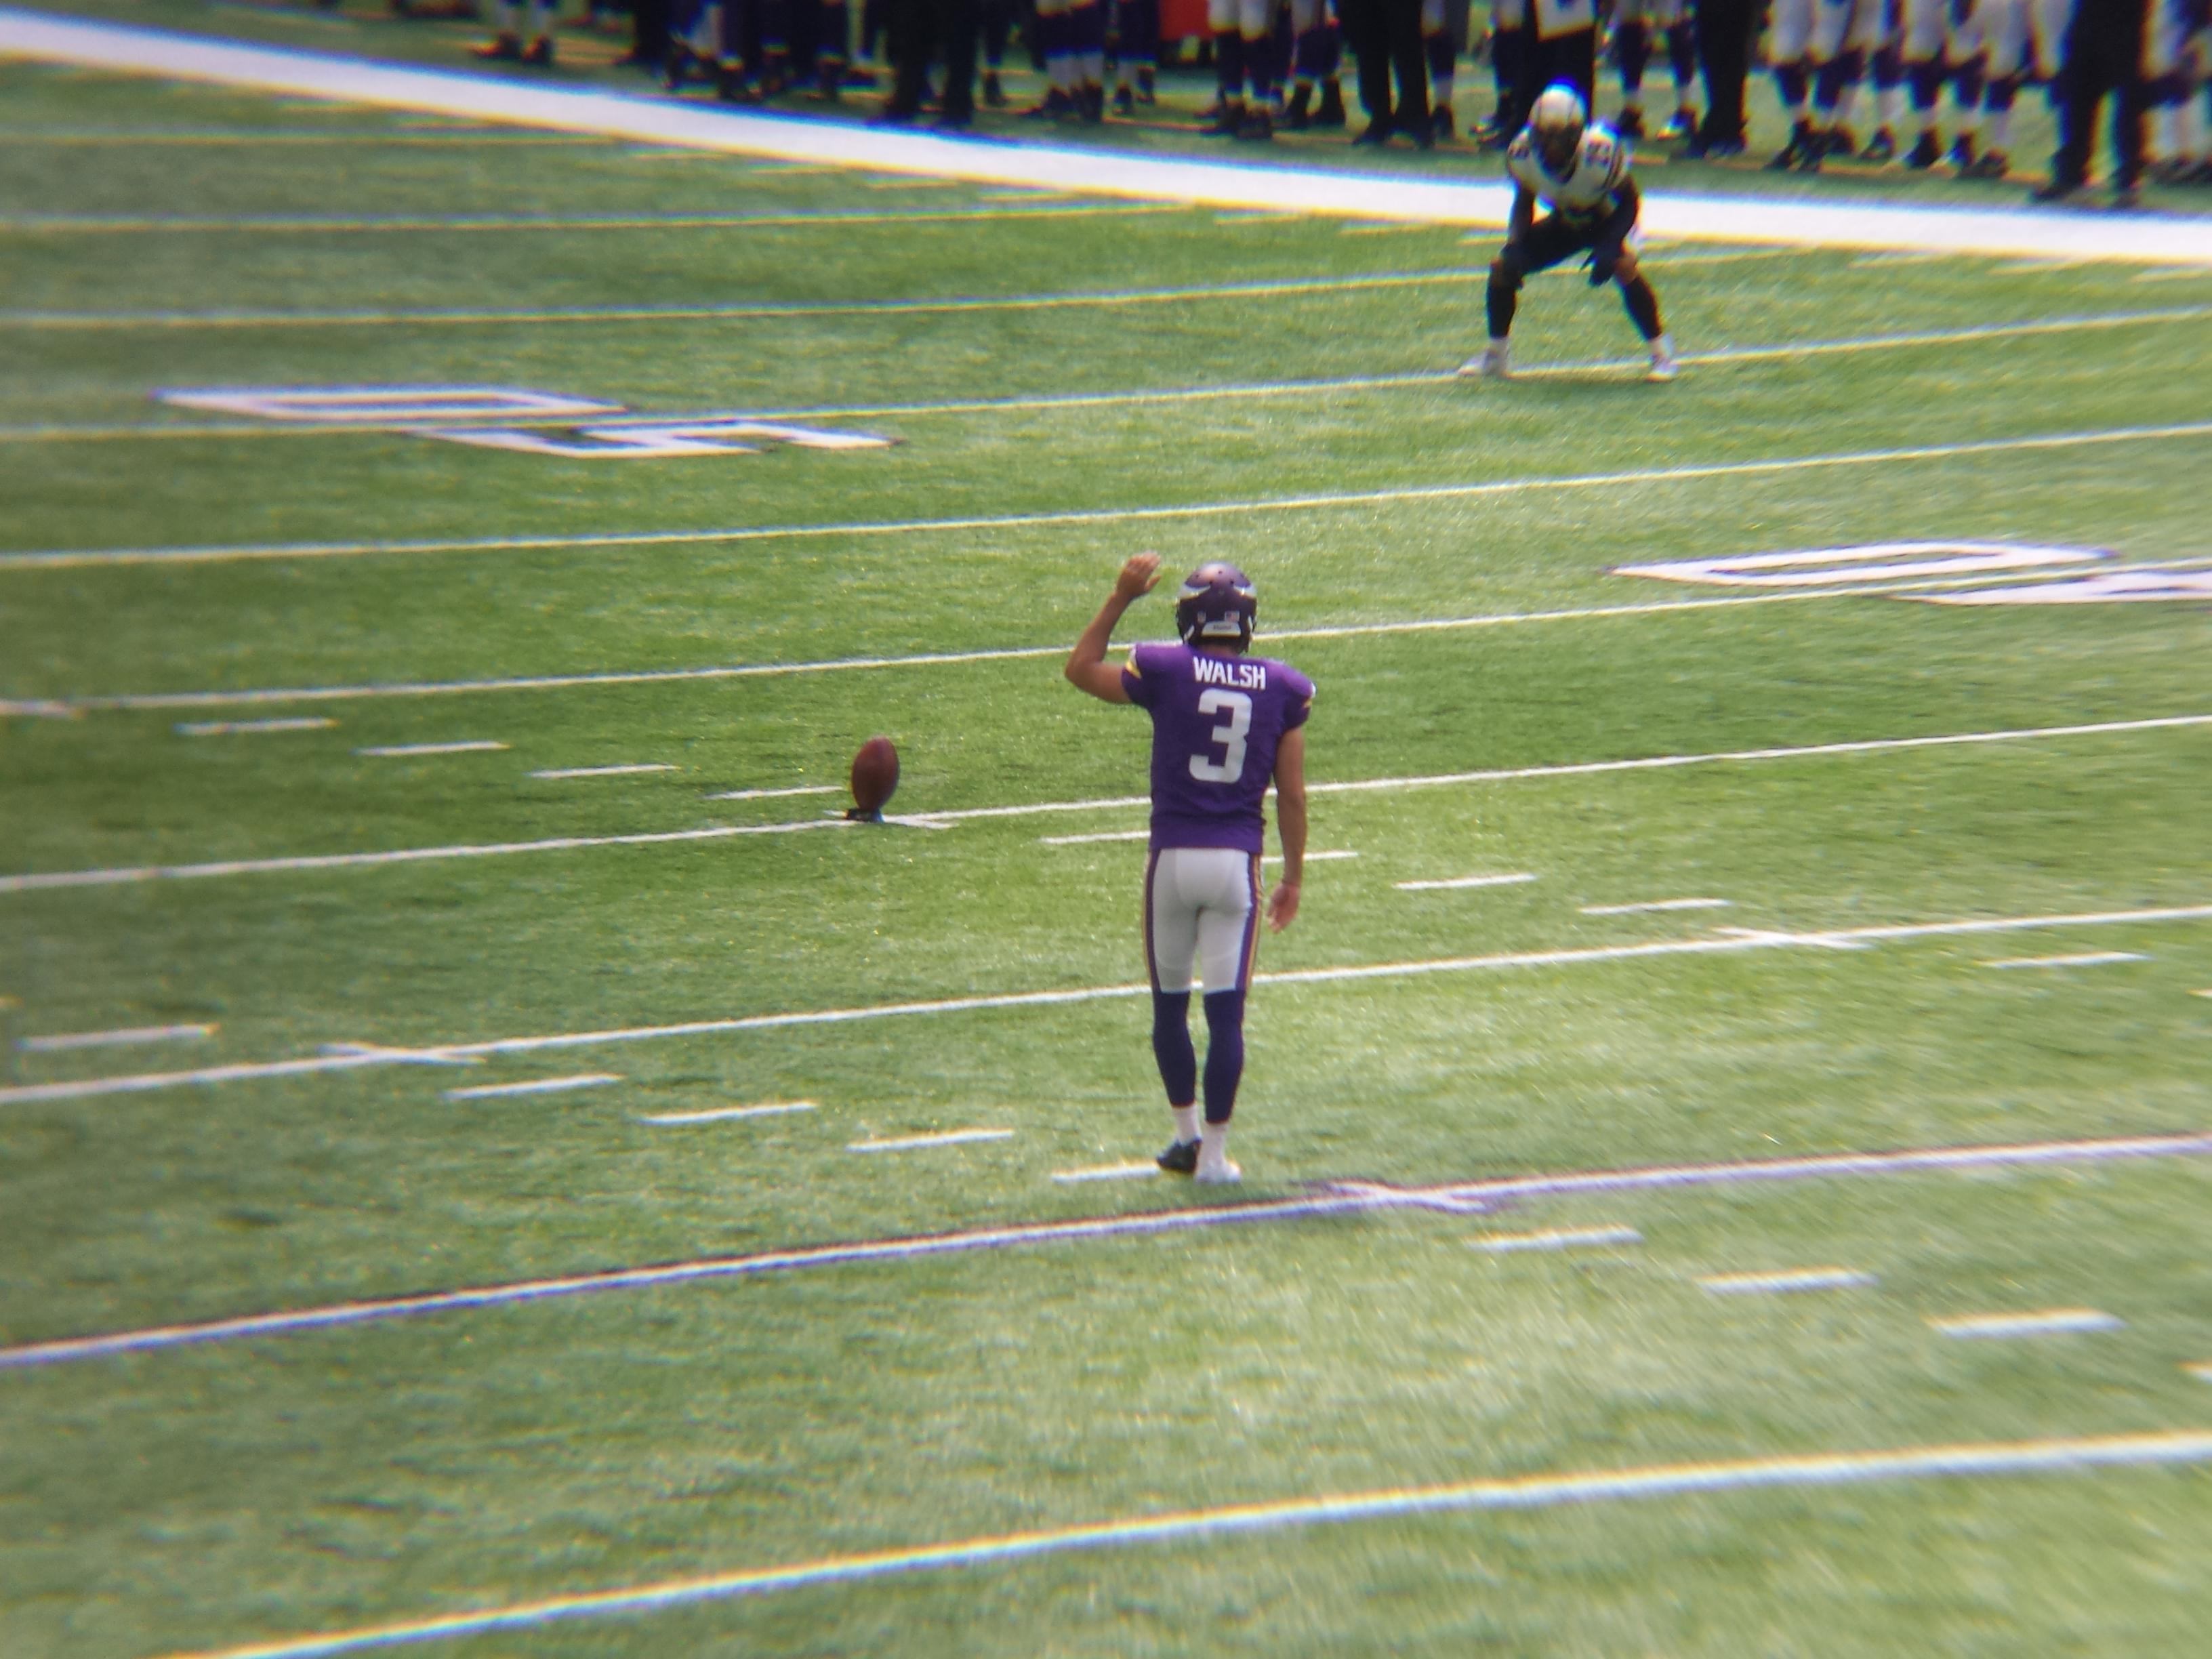 Minnesota Vikings U.S. Bank Stadium First Game - Blair Walsh